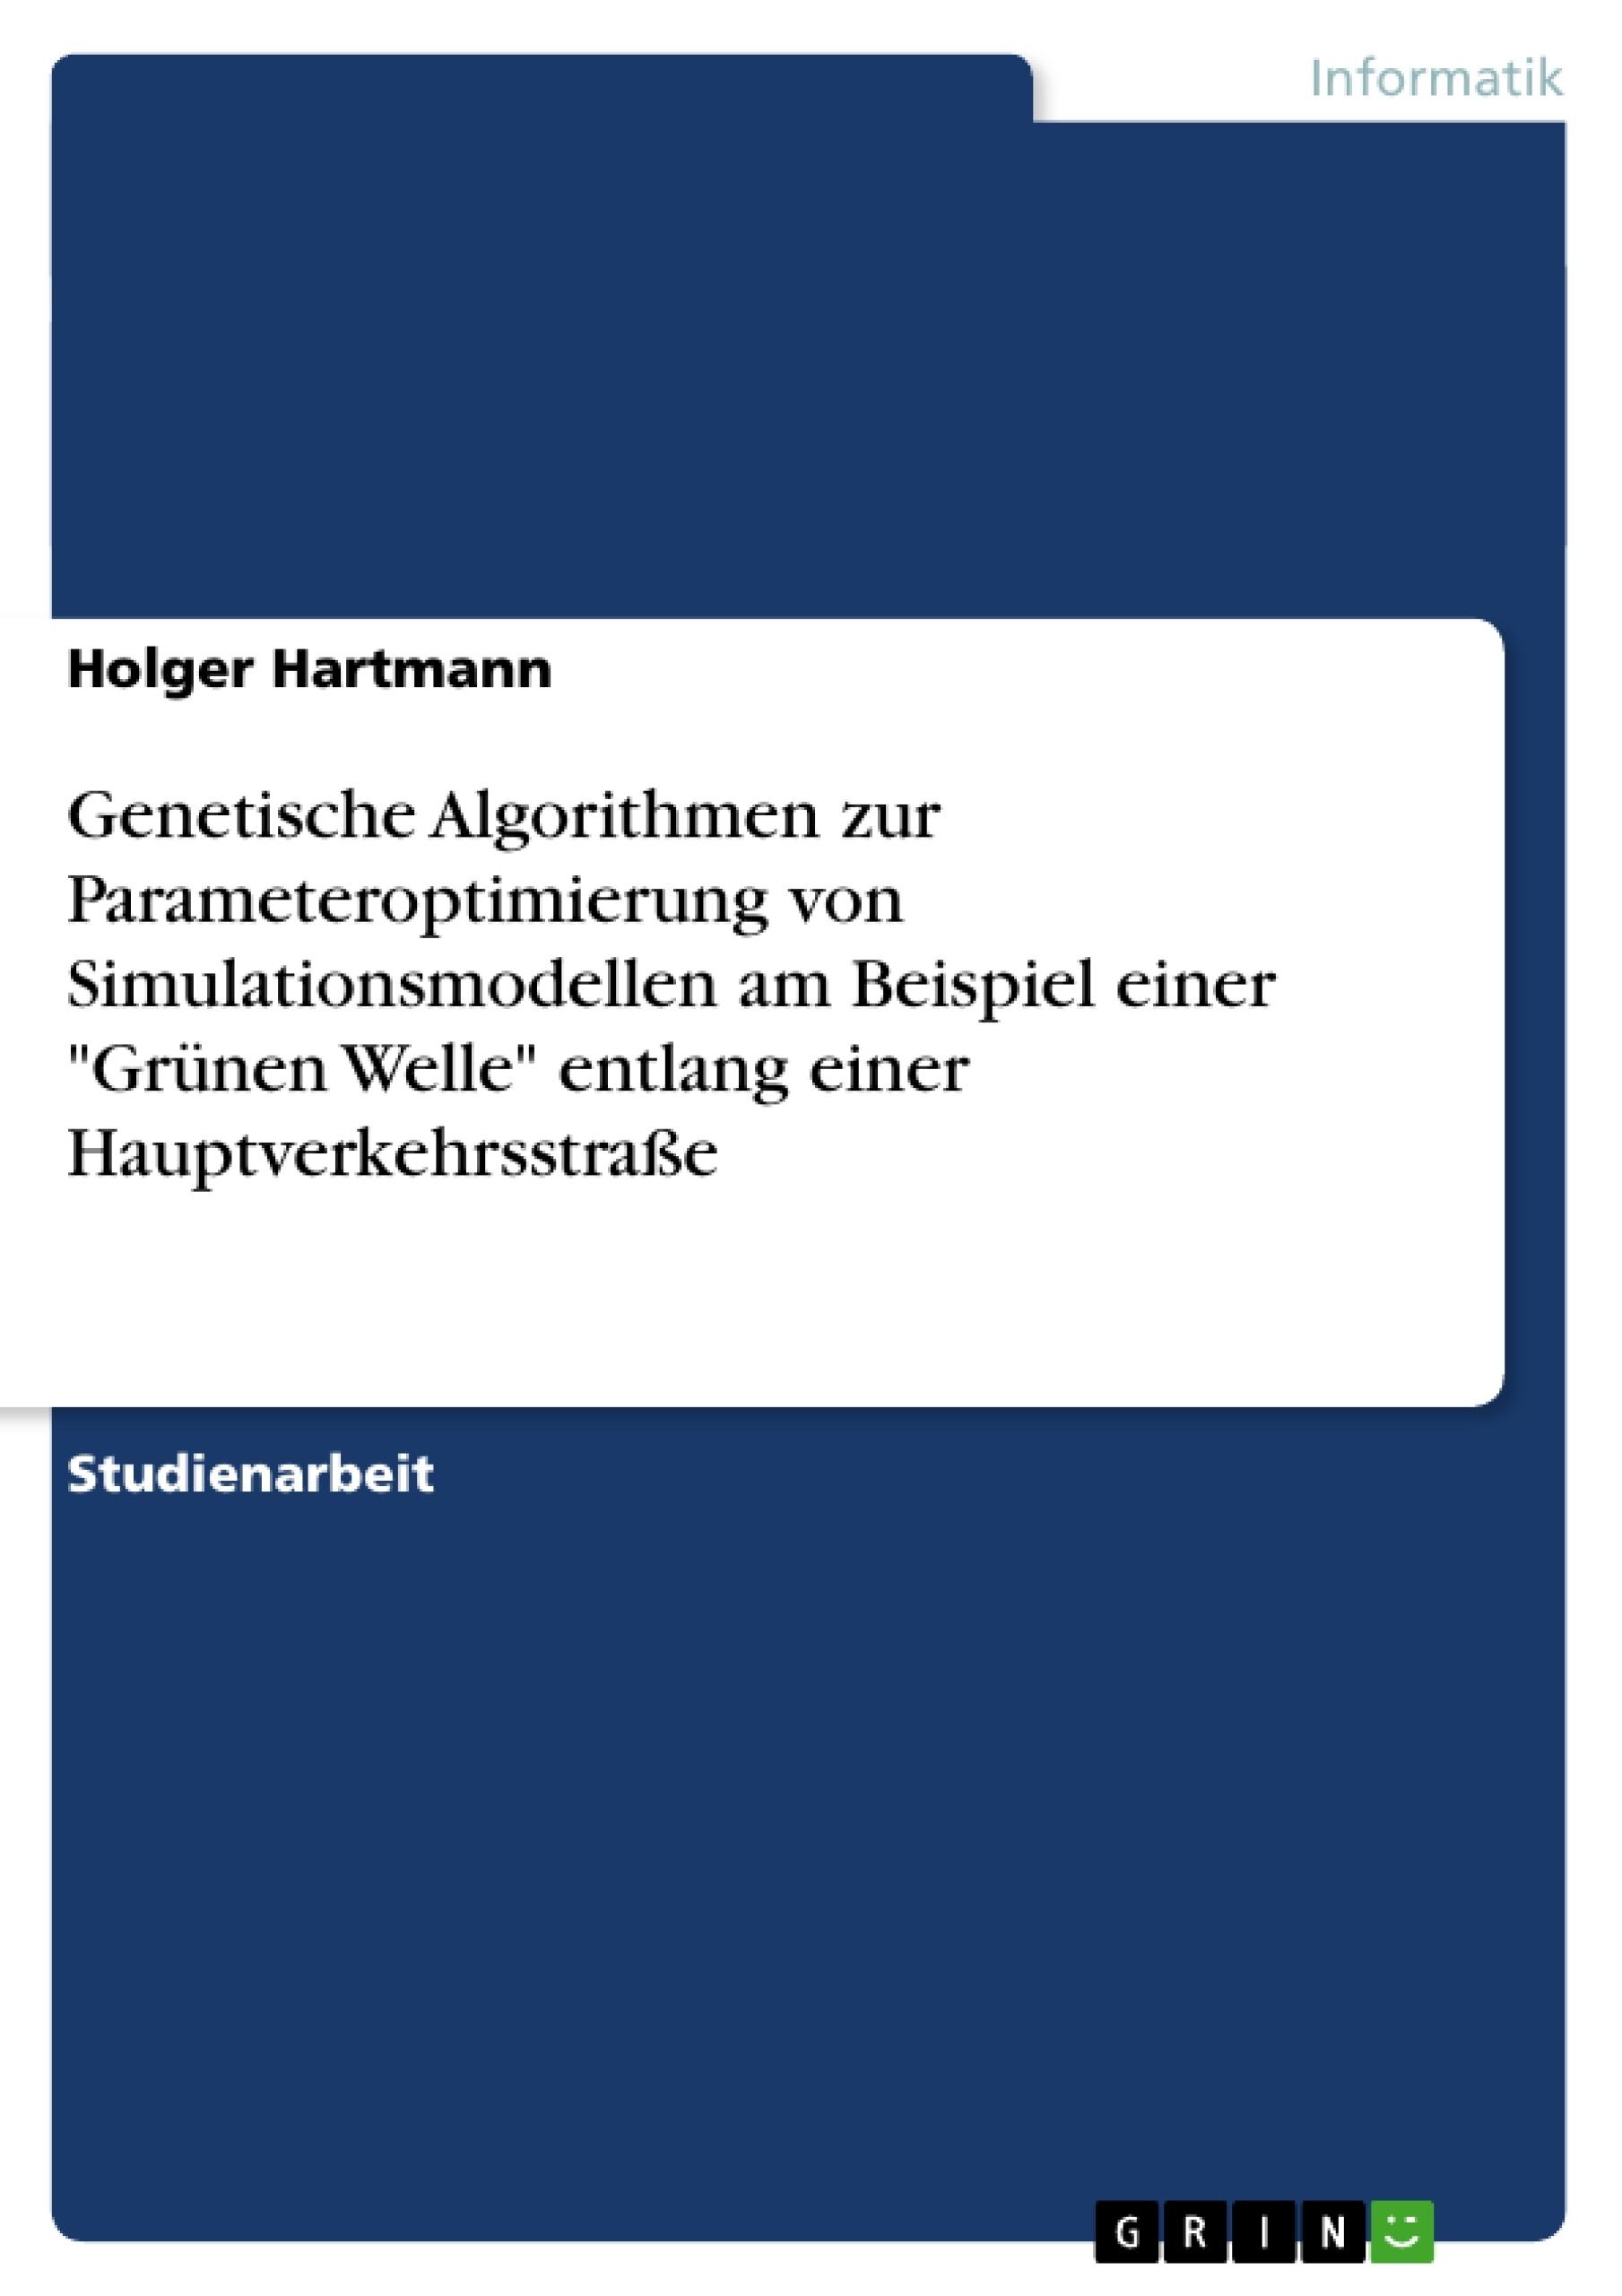 """Titel: Genetische Algorithmen zur Parameteroptimierung von Simulationsmodellen am Beispiel einer """"Grünen Welle"""" entlang einer Hauptverkehrsstraße"""